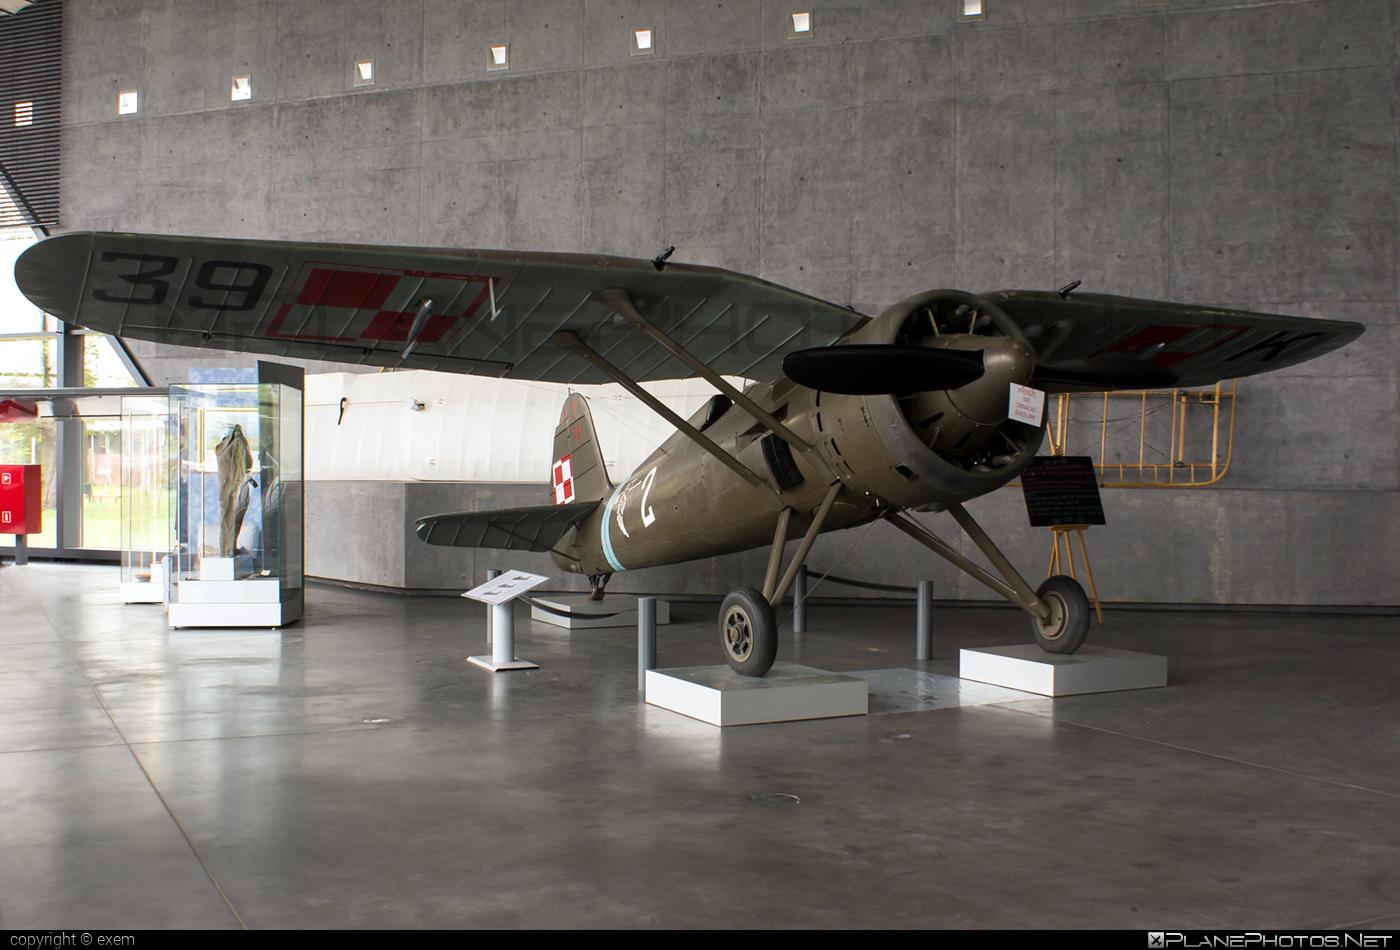 PZL-Okęcie P.11c - 8.63 operated by Siły Powietrzne Rzeczypospolitej Polskiej (Polish Air Force) #polishairforce #pzl #pzlokecie #silypowietrzne